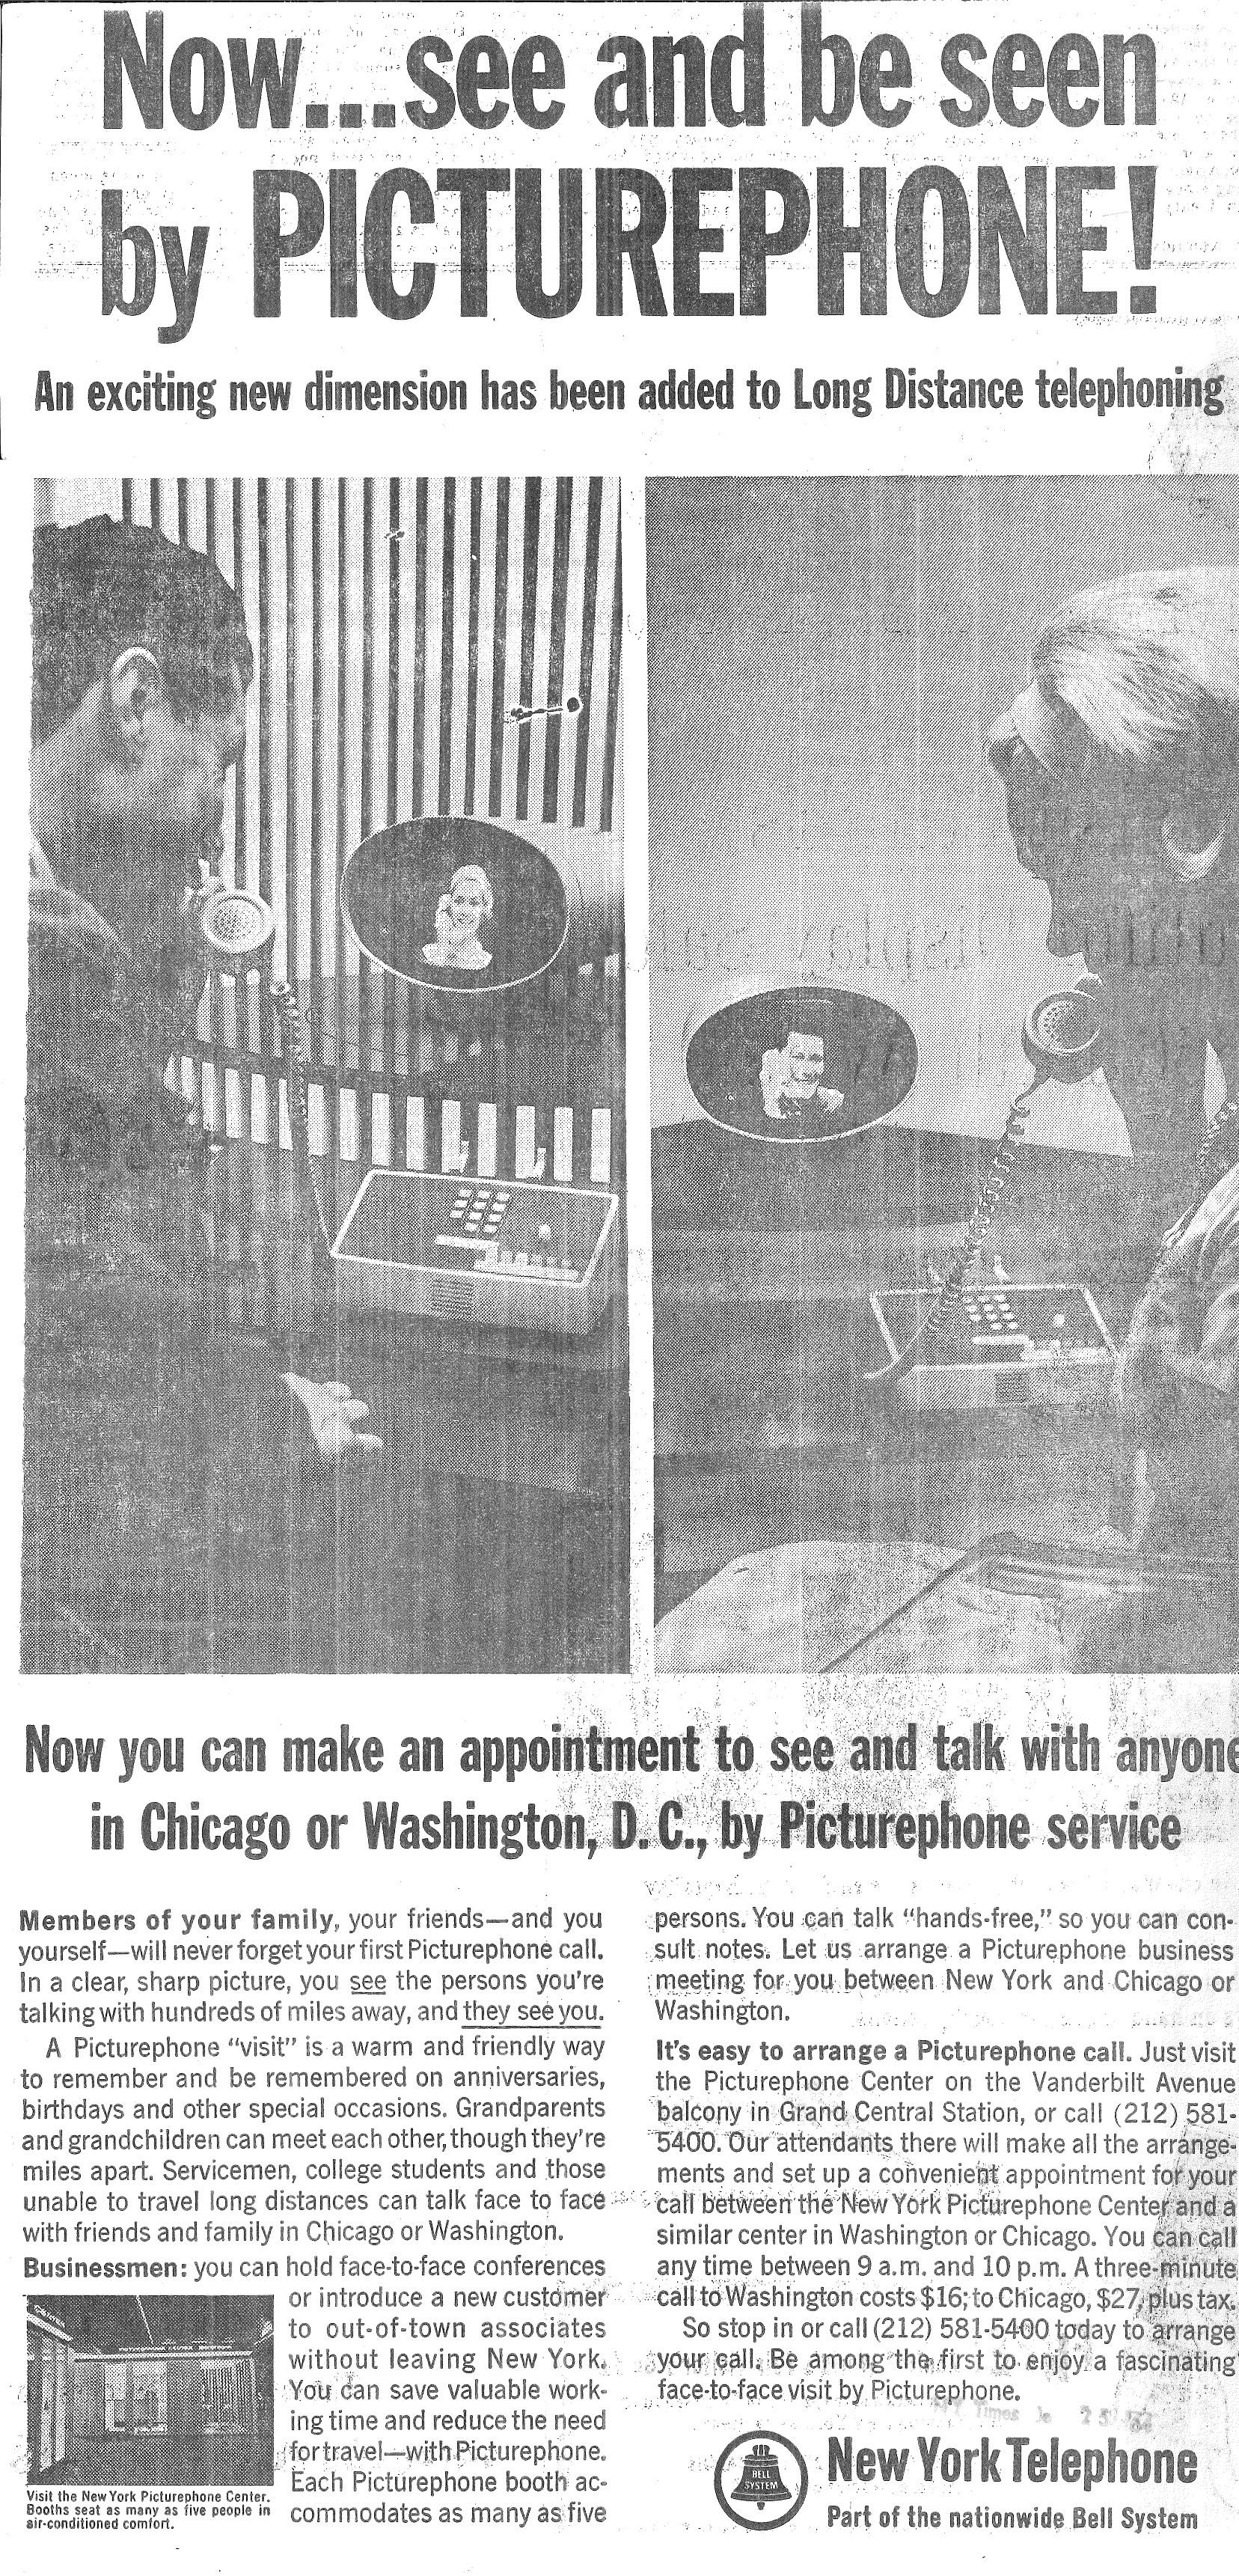 NY Telephone 1964 picturephone